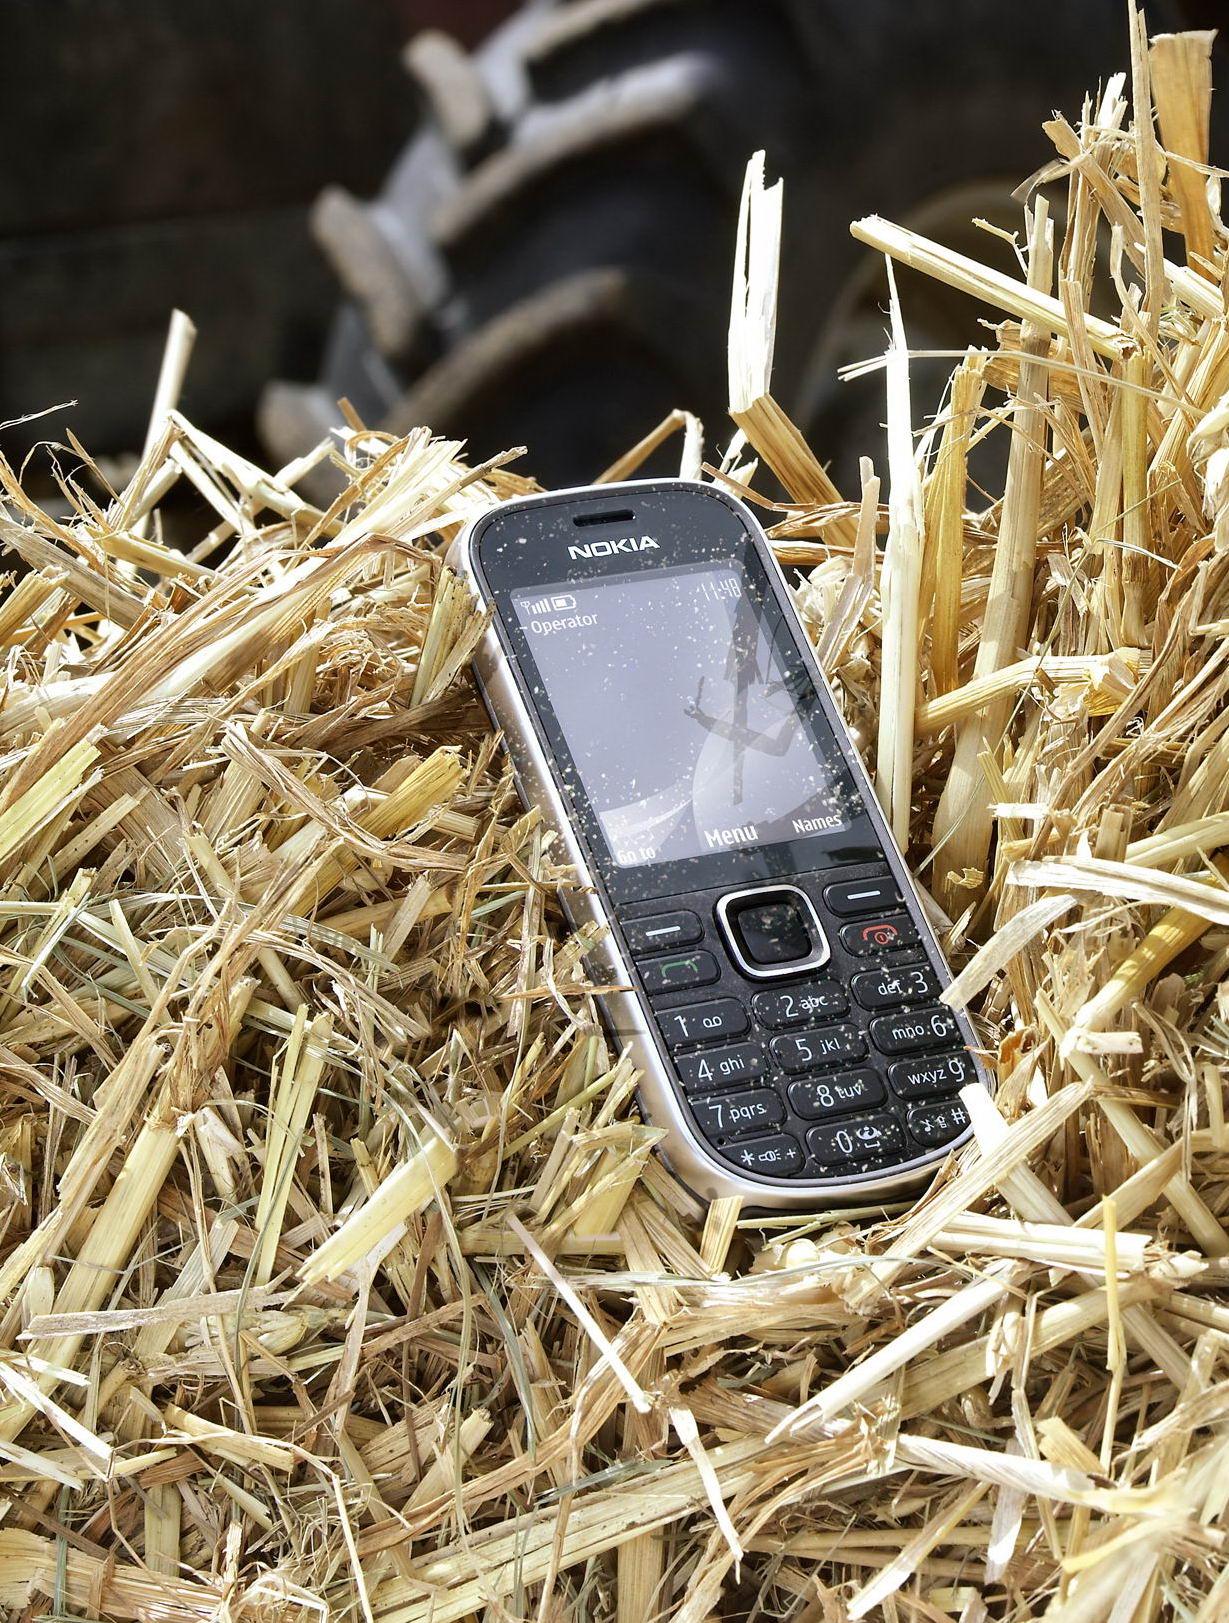 Третье место за классикой. Nokia 3720 Classic поднялась на одну строчку вверх за месяц.